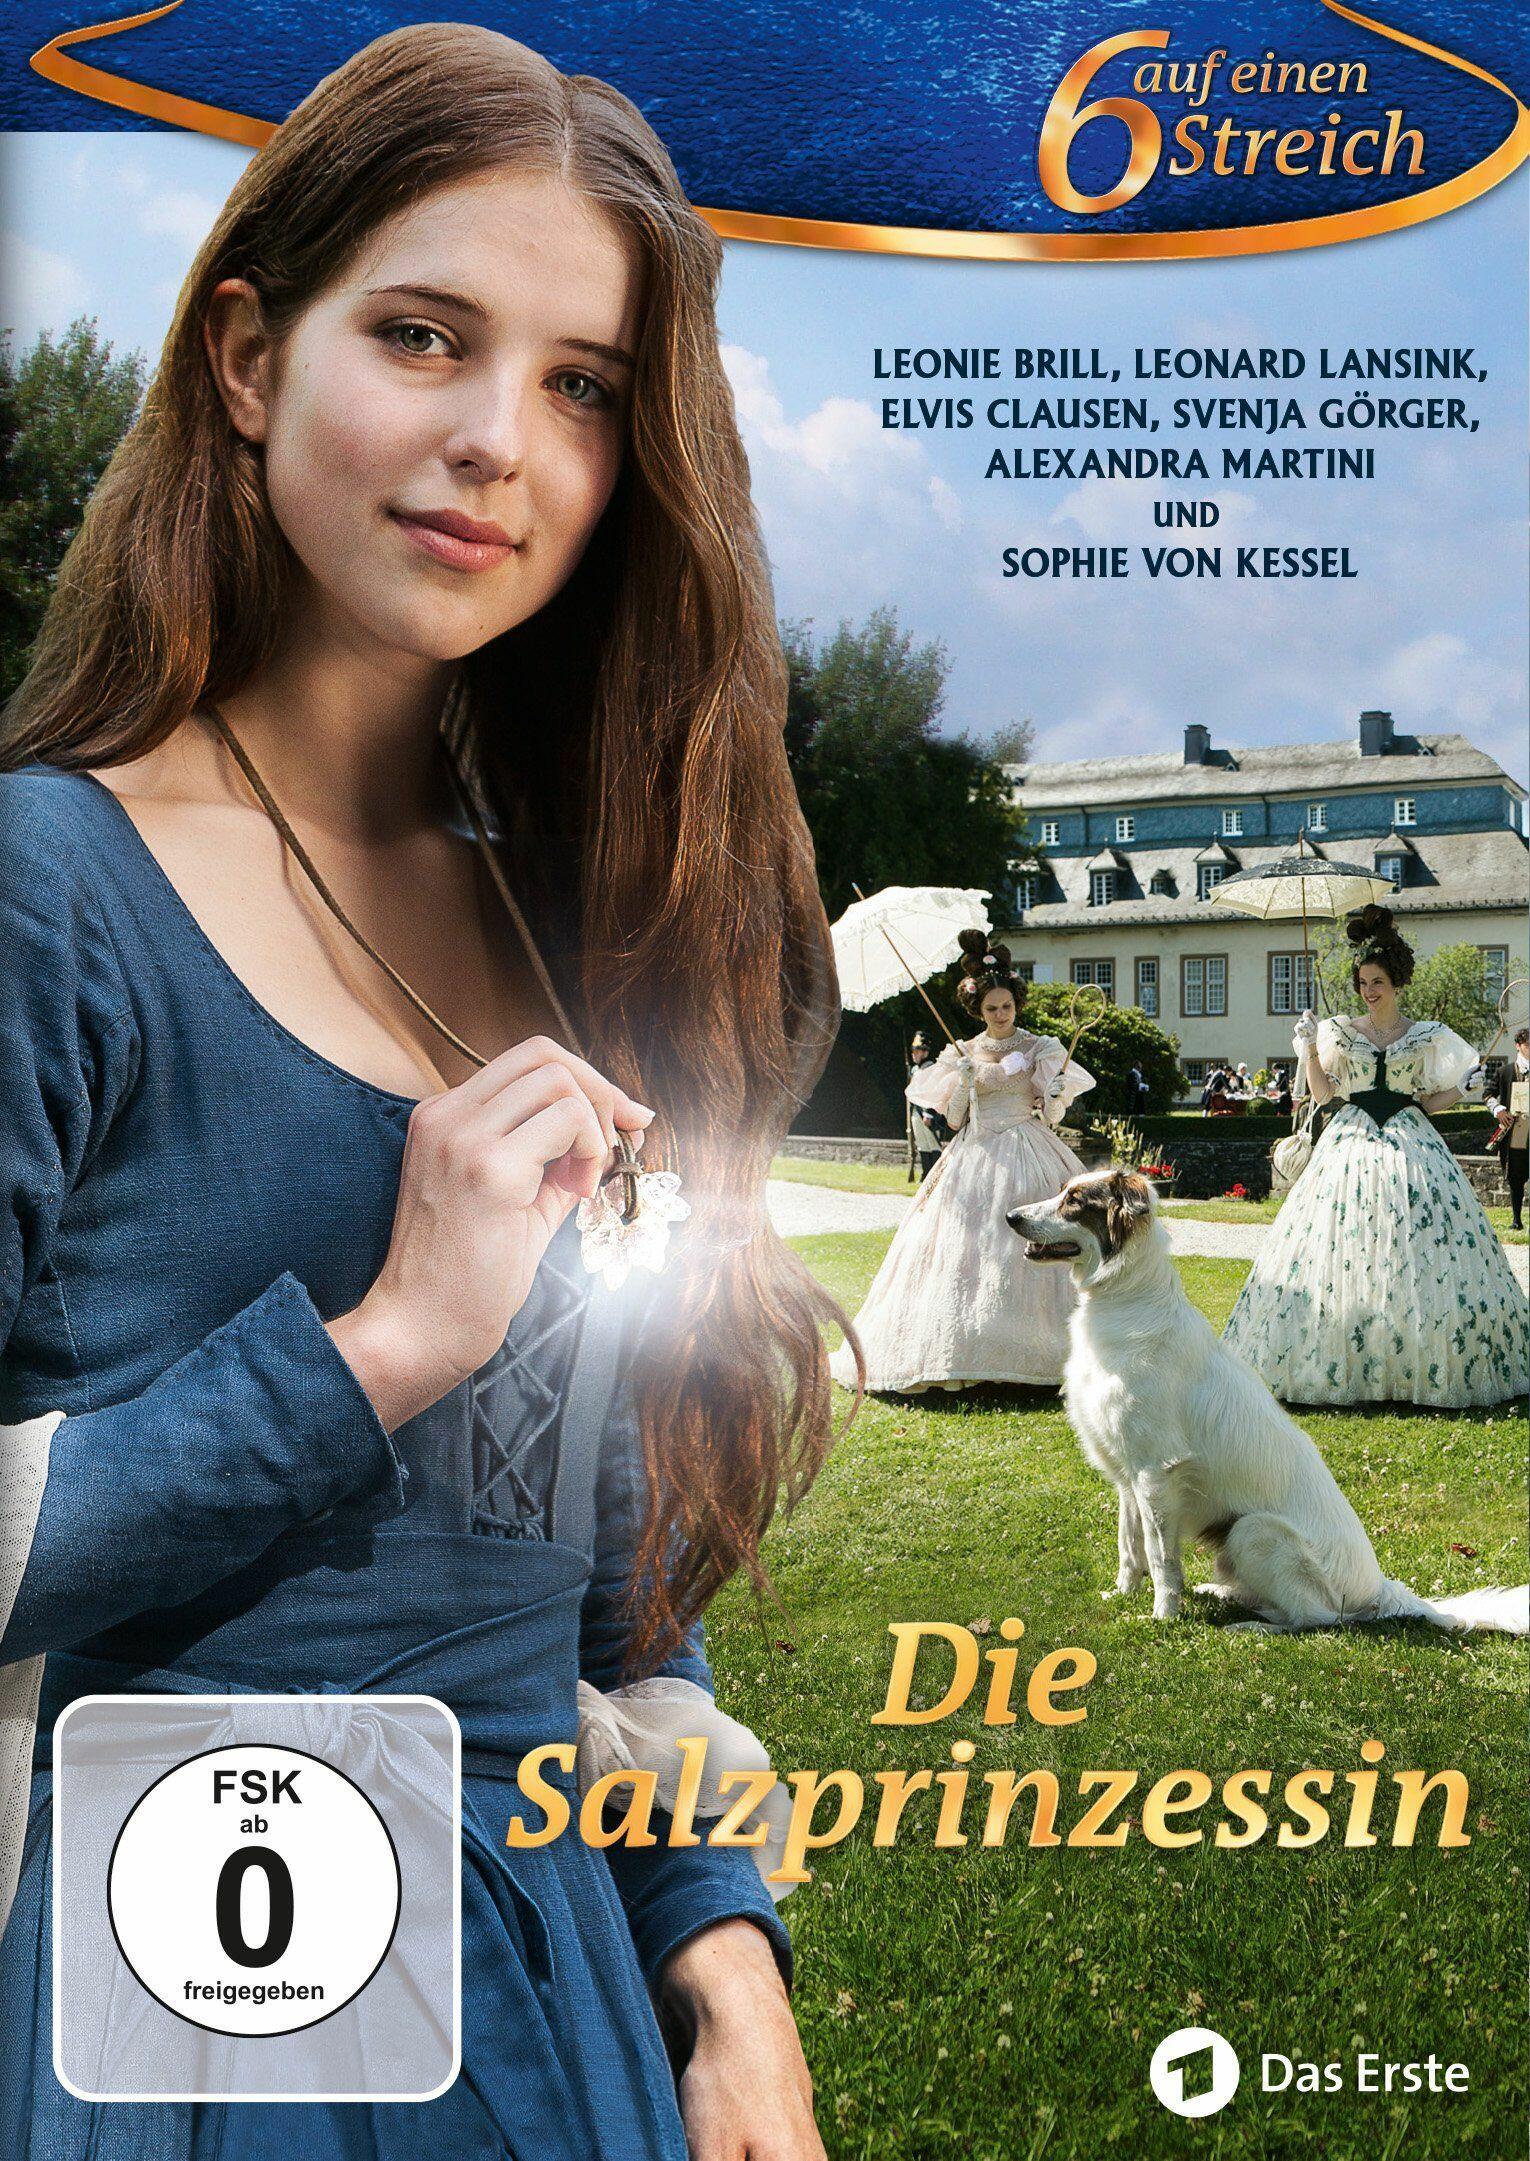 Die Salzprinzessin Film